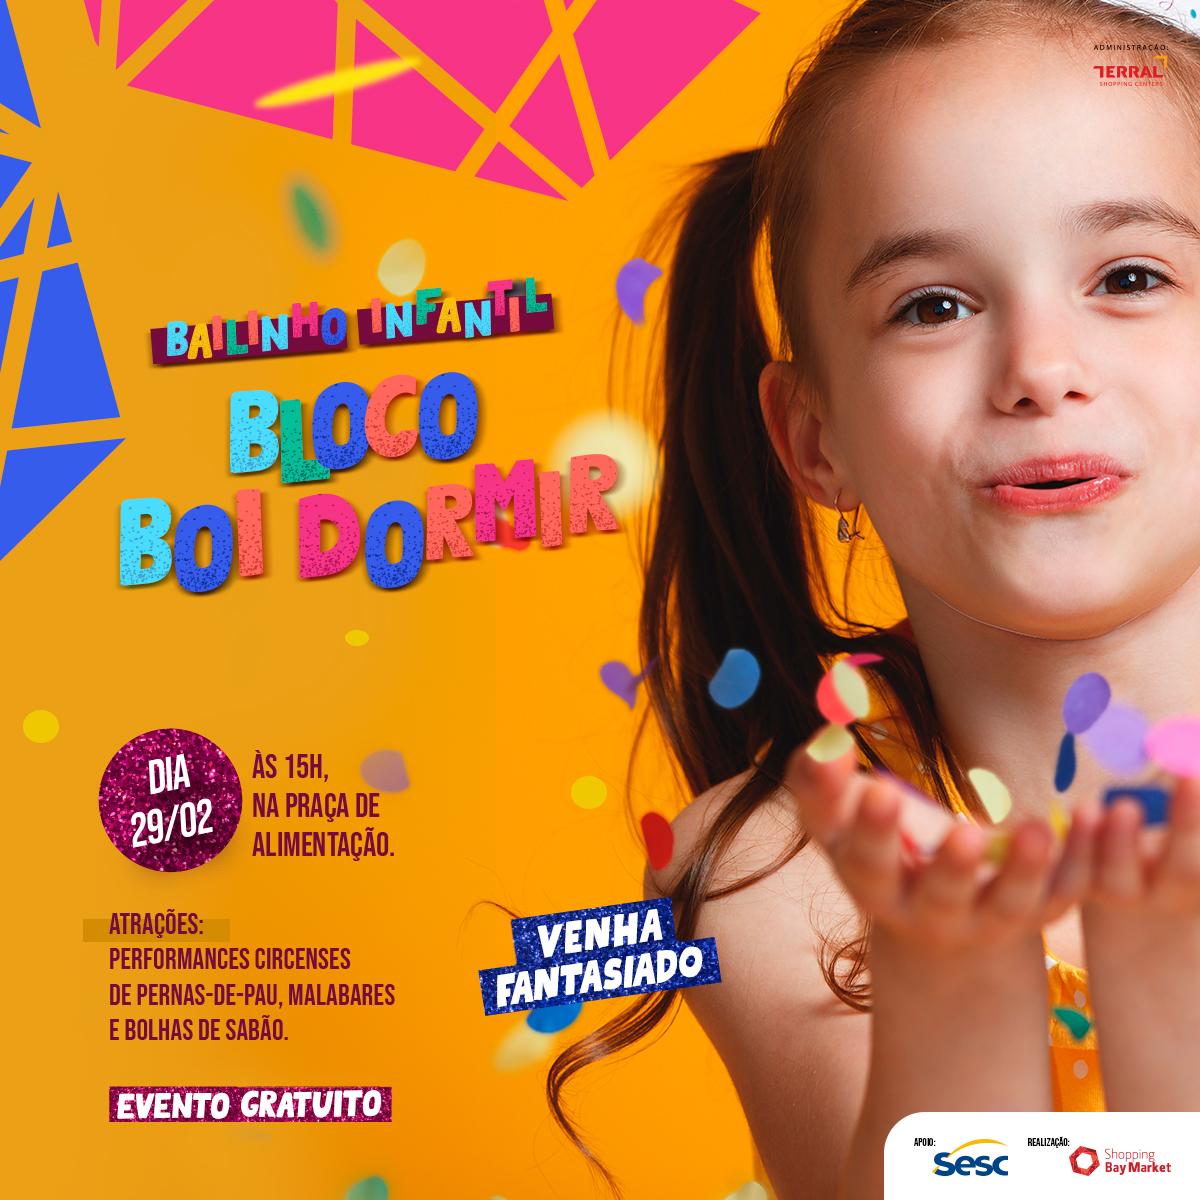 Bailinho Infantil - Bloco Boi Dormir